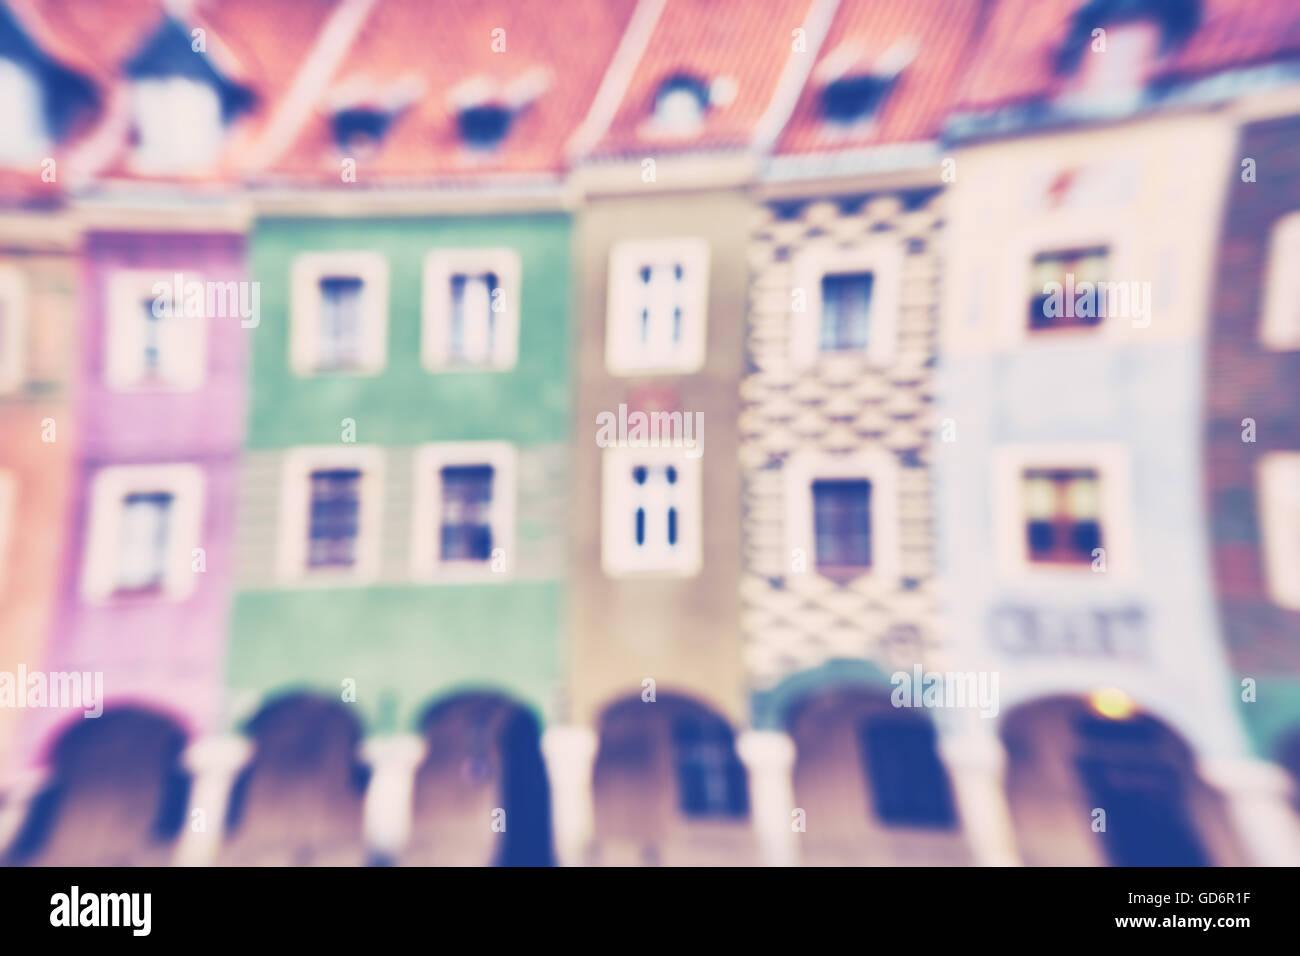 Resumen Antecedentes tonos vintage de coloridas casas borrosa. Foto de stock